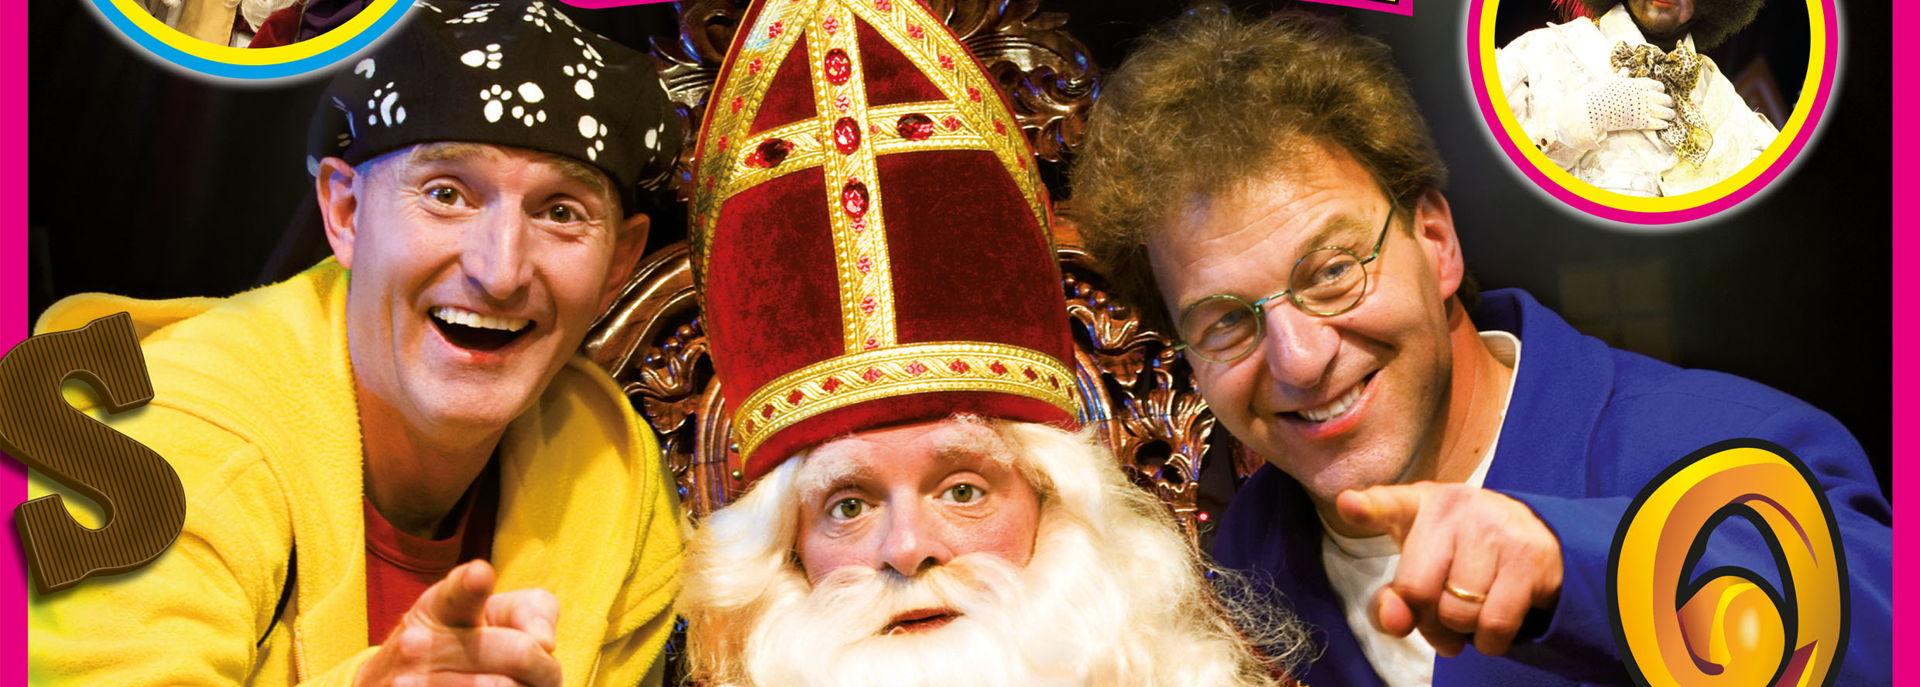 Sinterklaas is dit jaar helemaal Bling Bling dankzij zijn persoonlijke assistent. Toch merken Ernst en Bobbie dat er iets vreemds met hem aan de hand is. Help jij ze om Sinterklaas te redden? Een doldwaas avontuur vol grappen en liedjes.